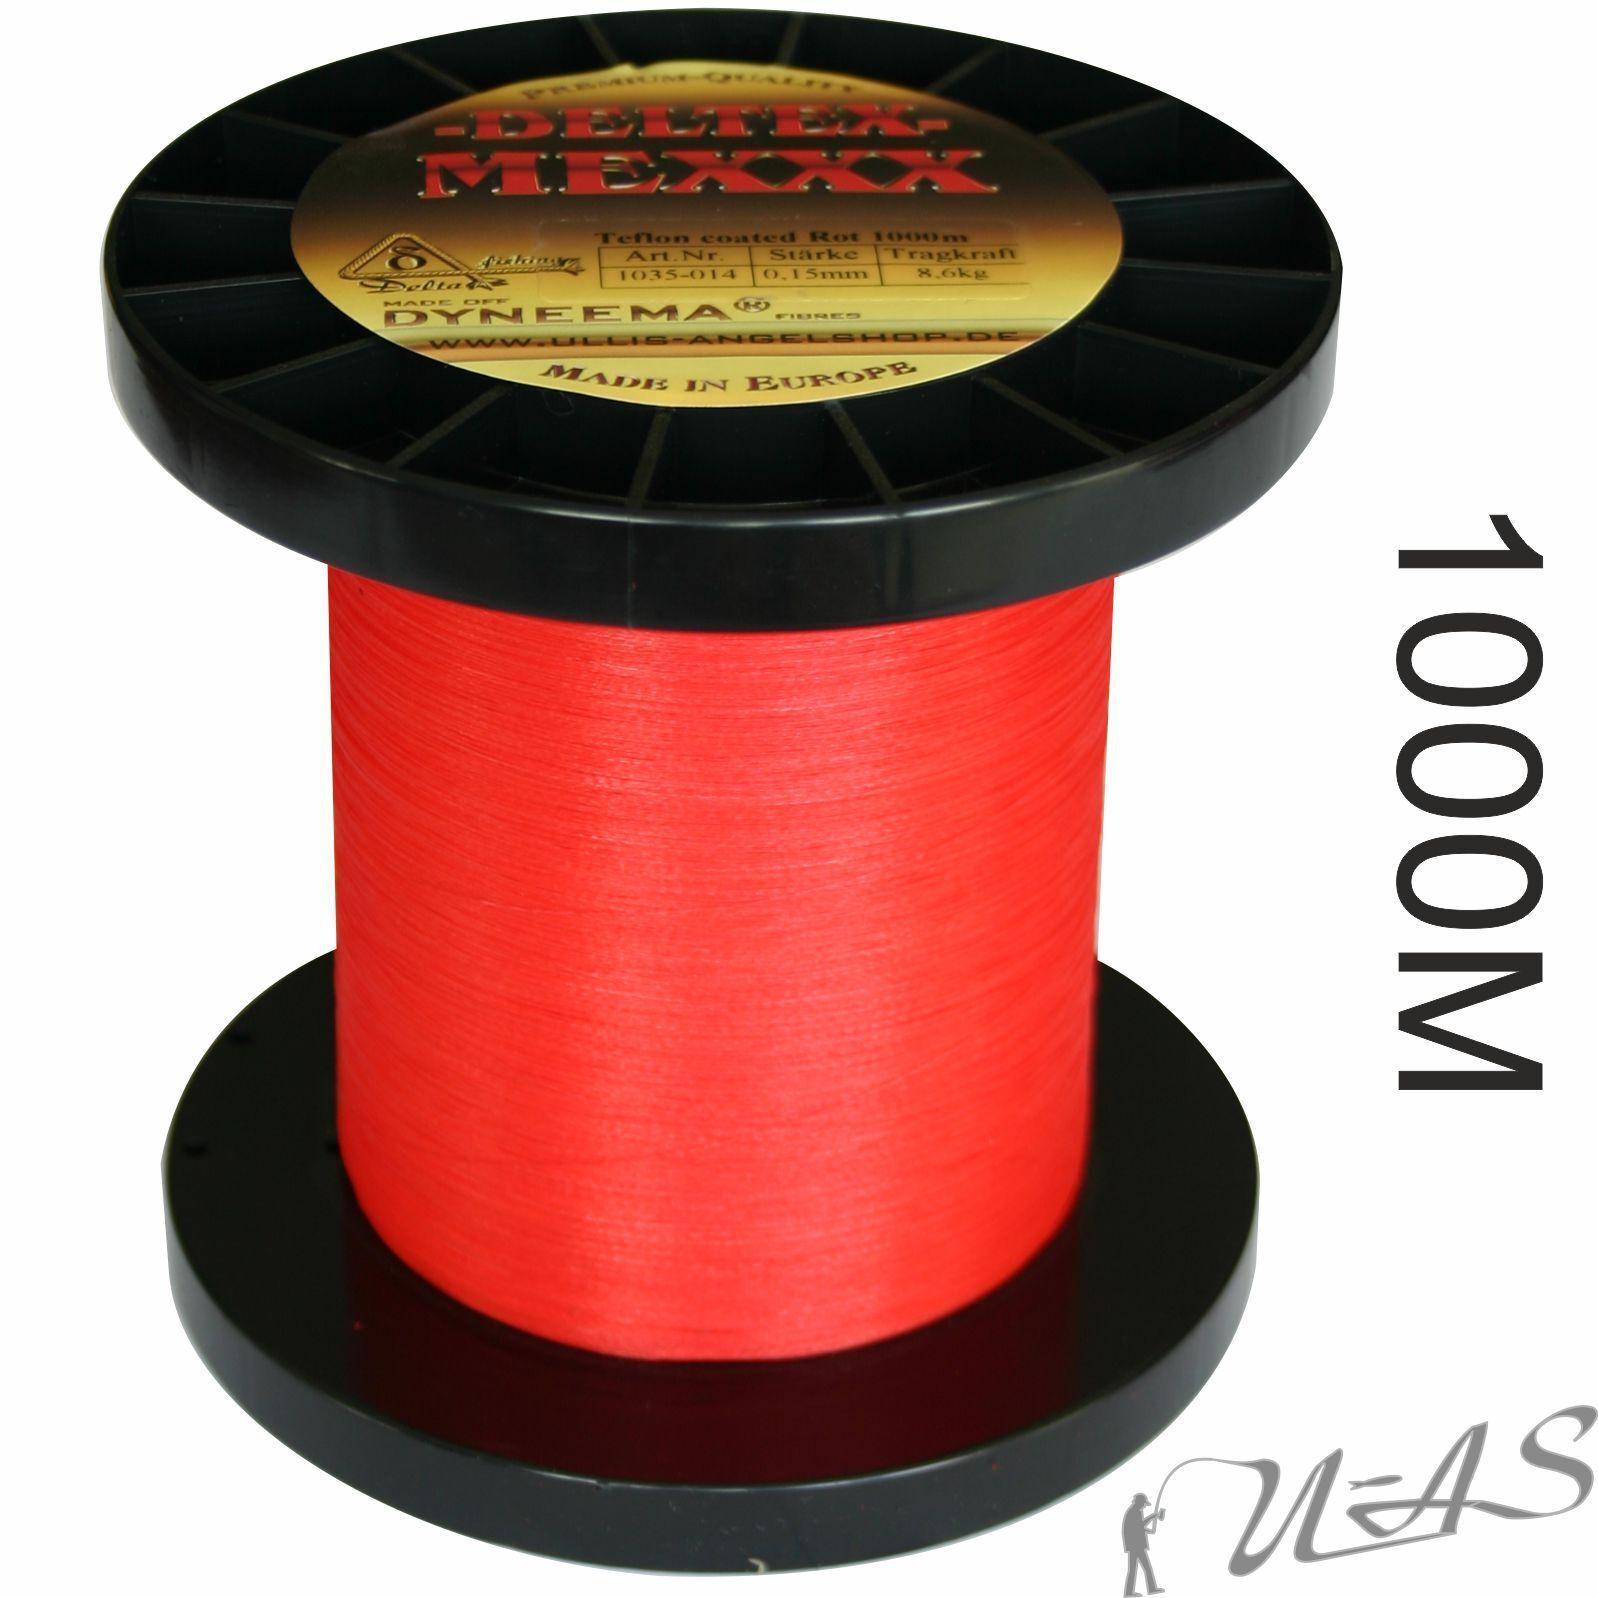 Deltex mexxx ROSSO 1000m Dyneema intrecciato lenza Teflon Rivestito KVA